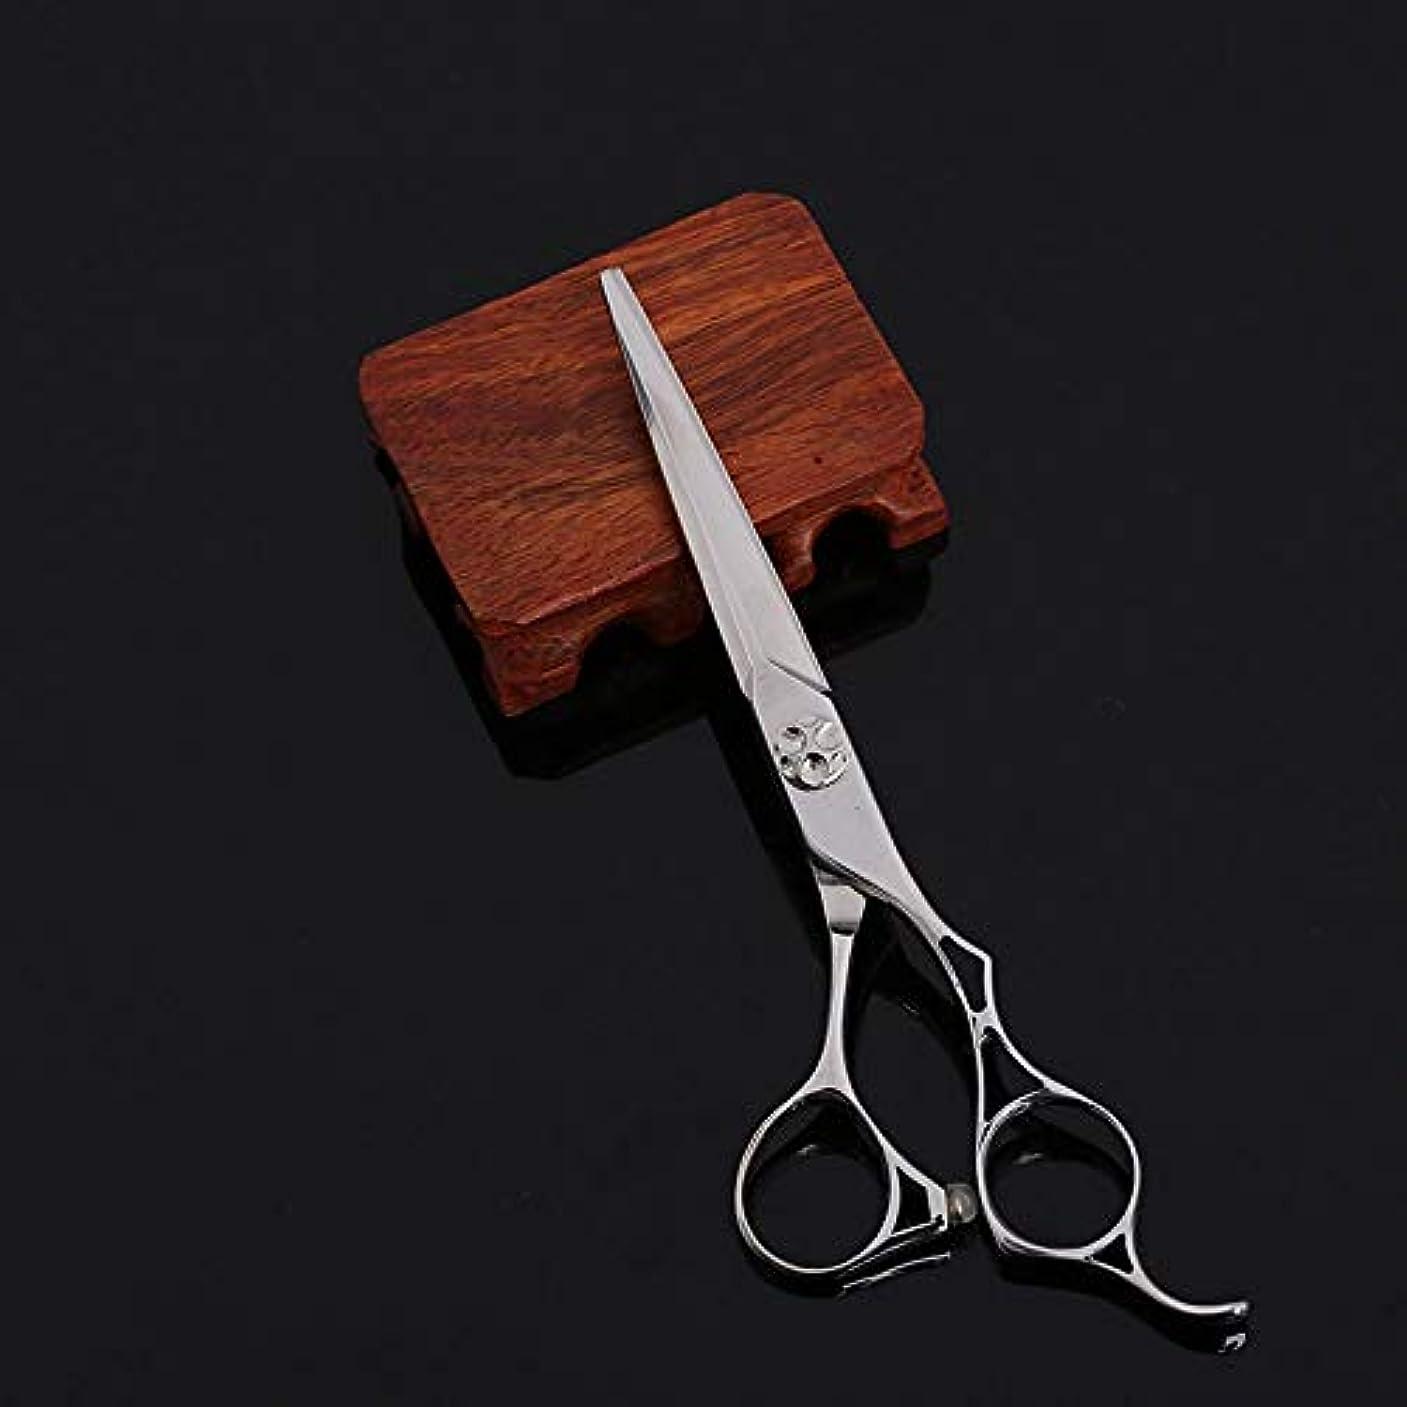 応答大きさ方法論6インチ美容院プロフェッショナルフラットシアー理髪ハイエンド理髪はさみフラットシアー ヘアケア (色 : Silver)